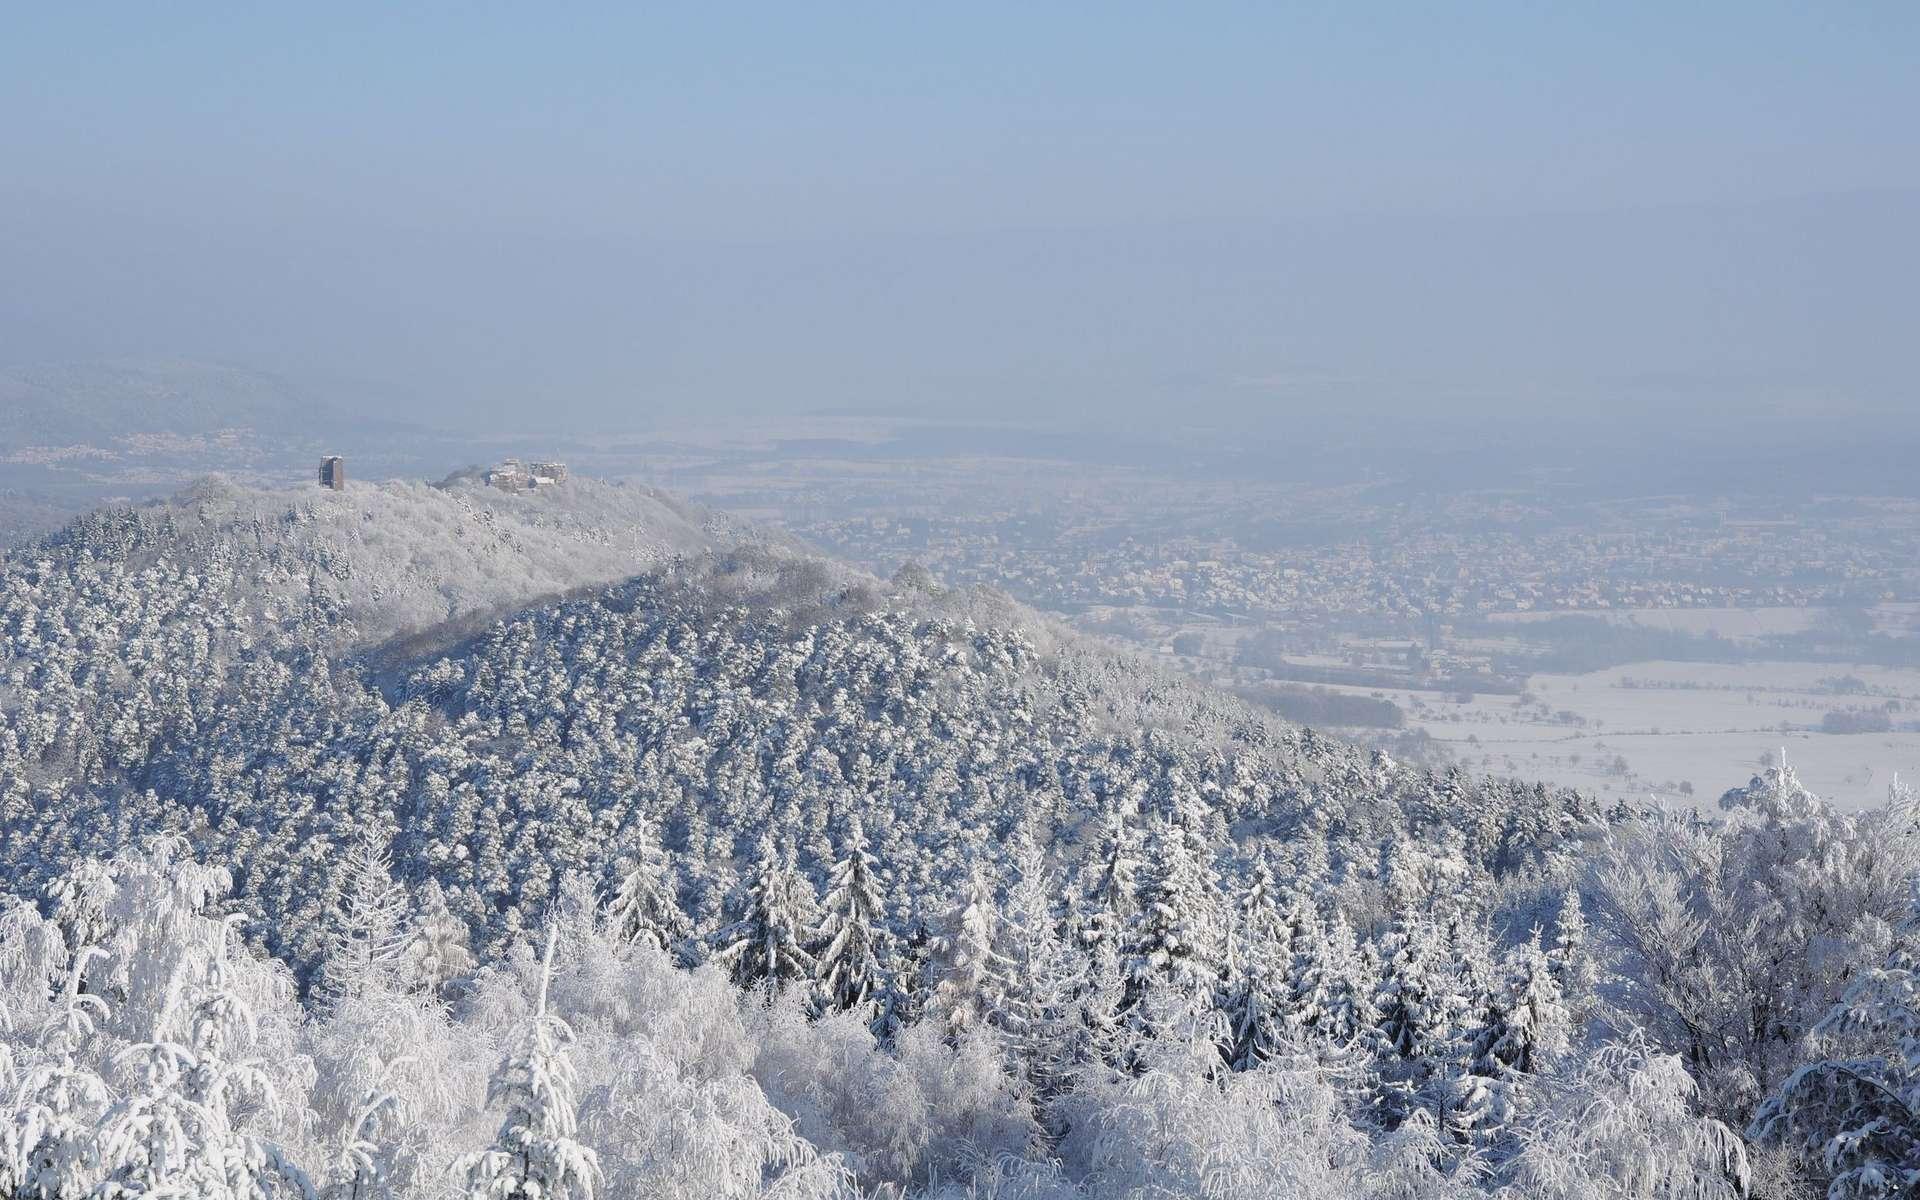 Le parc naturel régional des Vosges du Nord, prochainement sur la liste verte des aires protégées de l'UICN. © Sylvain Citerne, Flickr